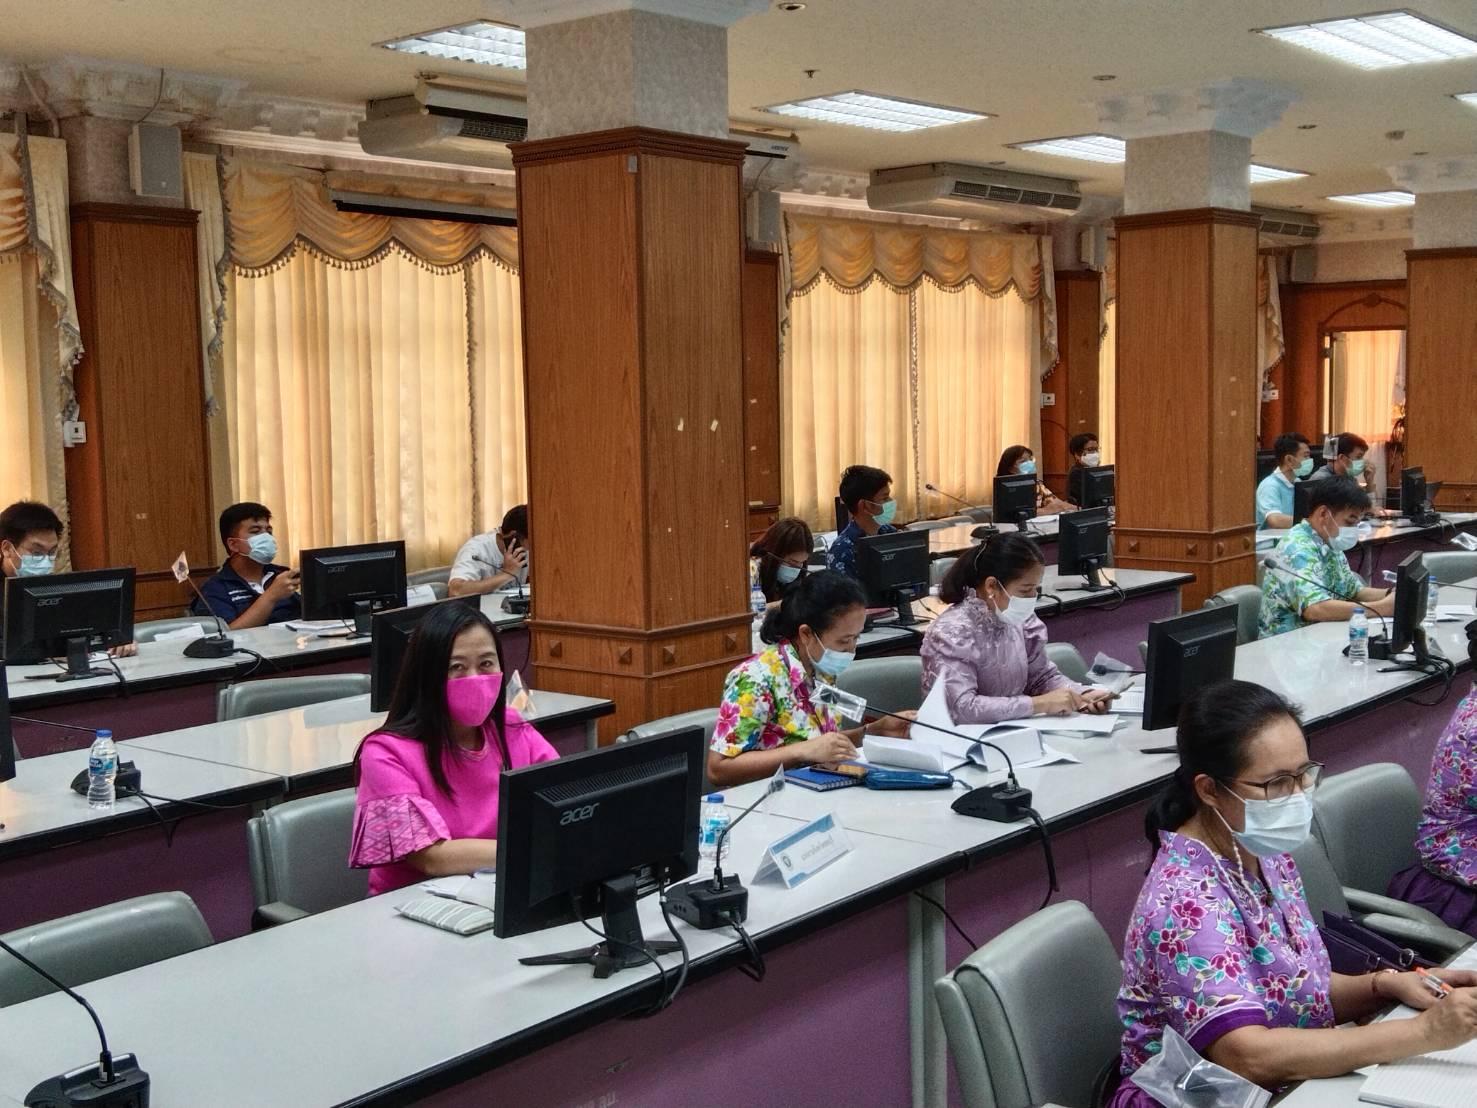 จังหวัดลพบุรี จัดการประชุมคณะกรรมการโรคติดต่อจังหวัดลพบุรีครั้งที่ 13/2564